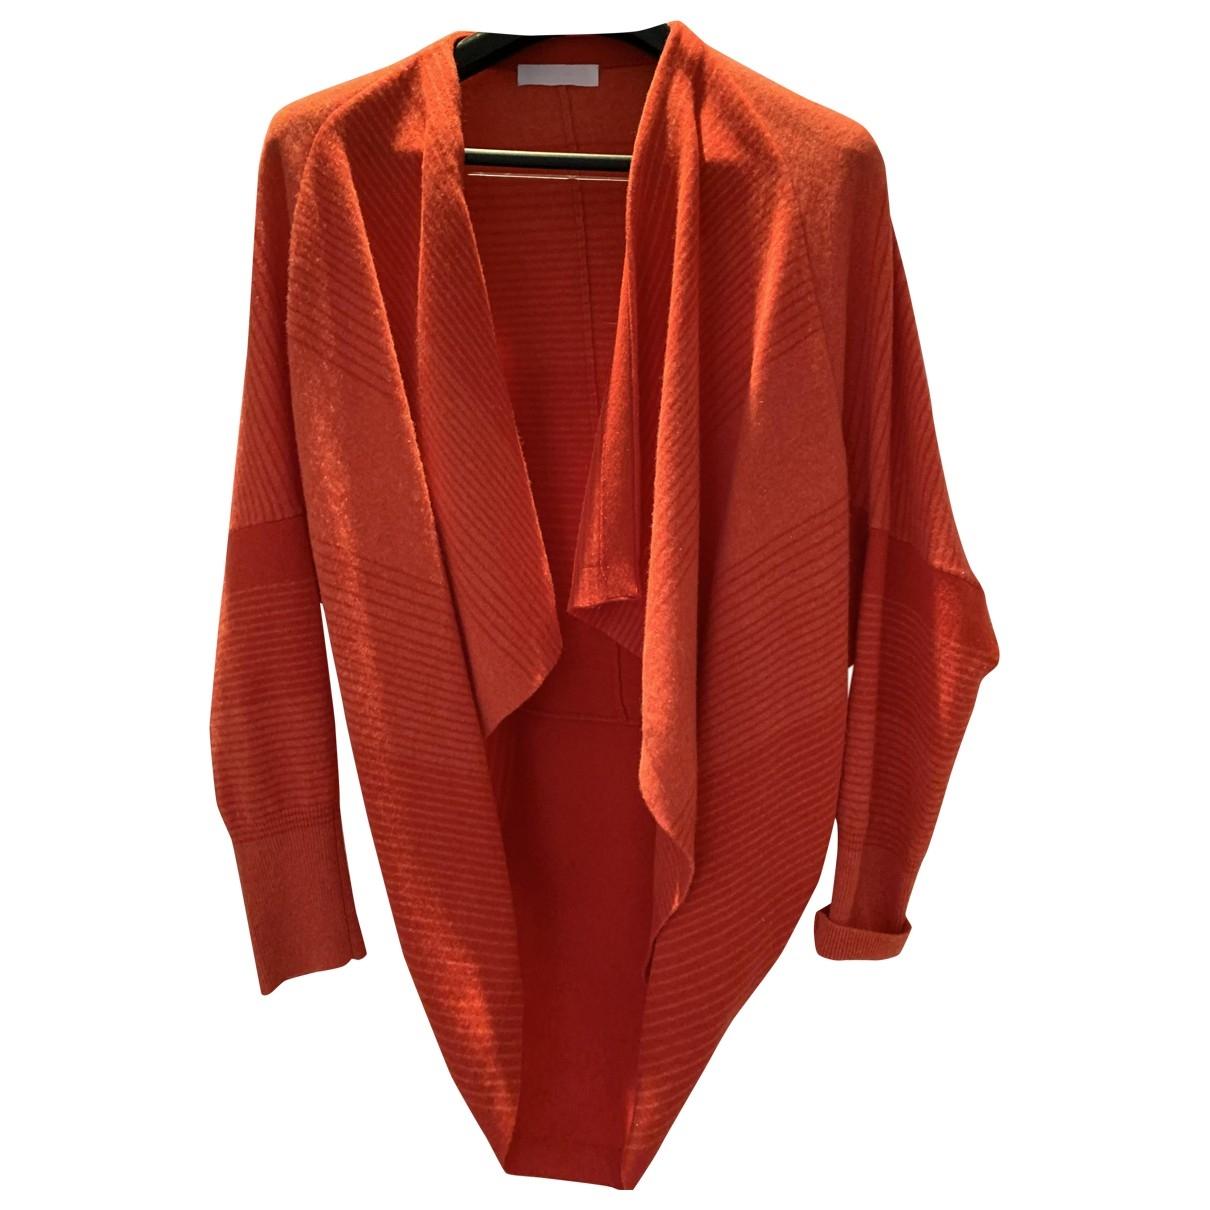 Nicole Farhi - Pull   pour femme en laine - orange